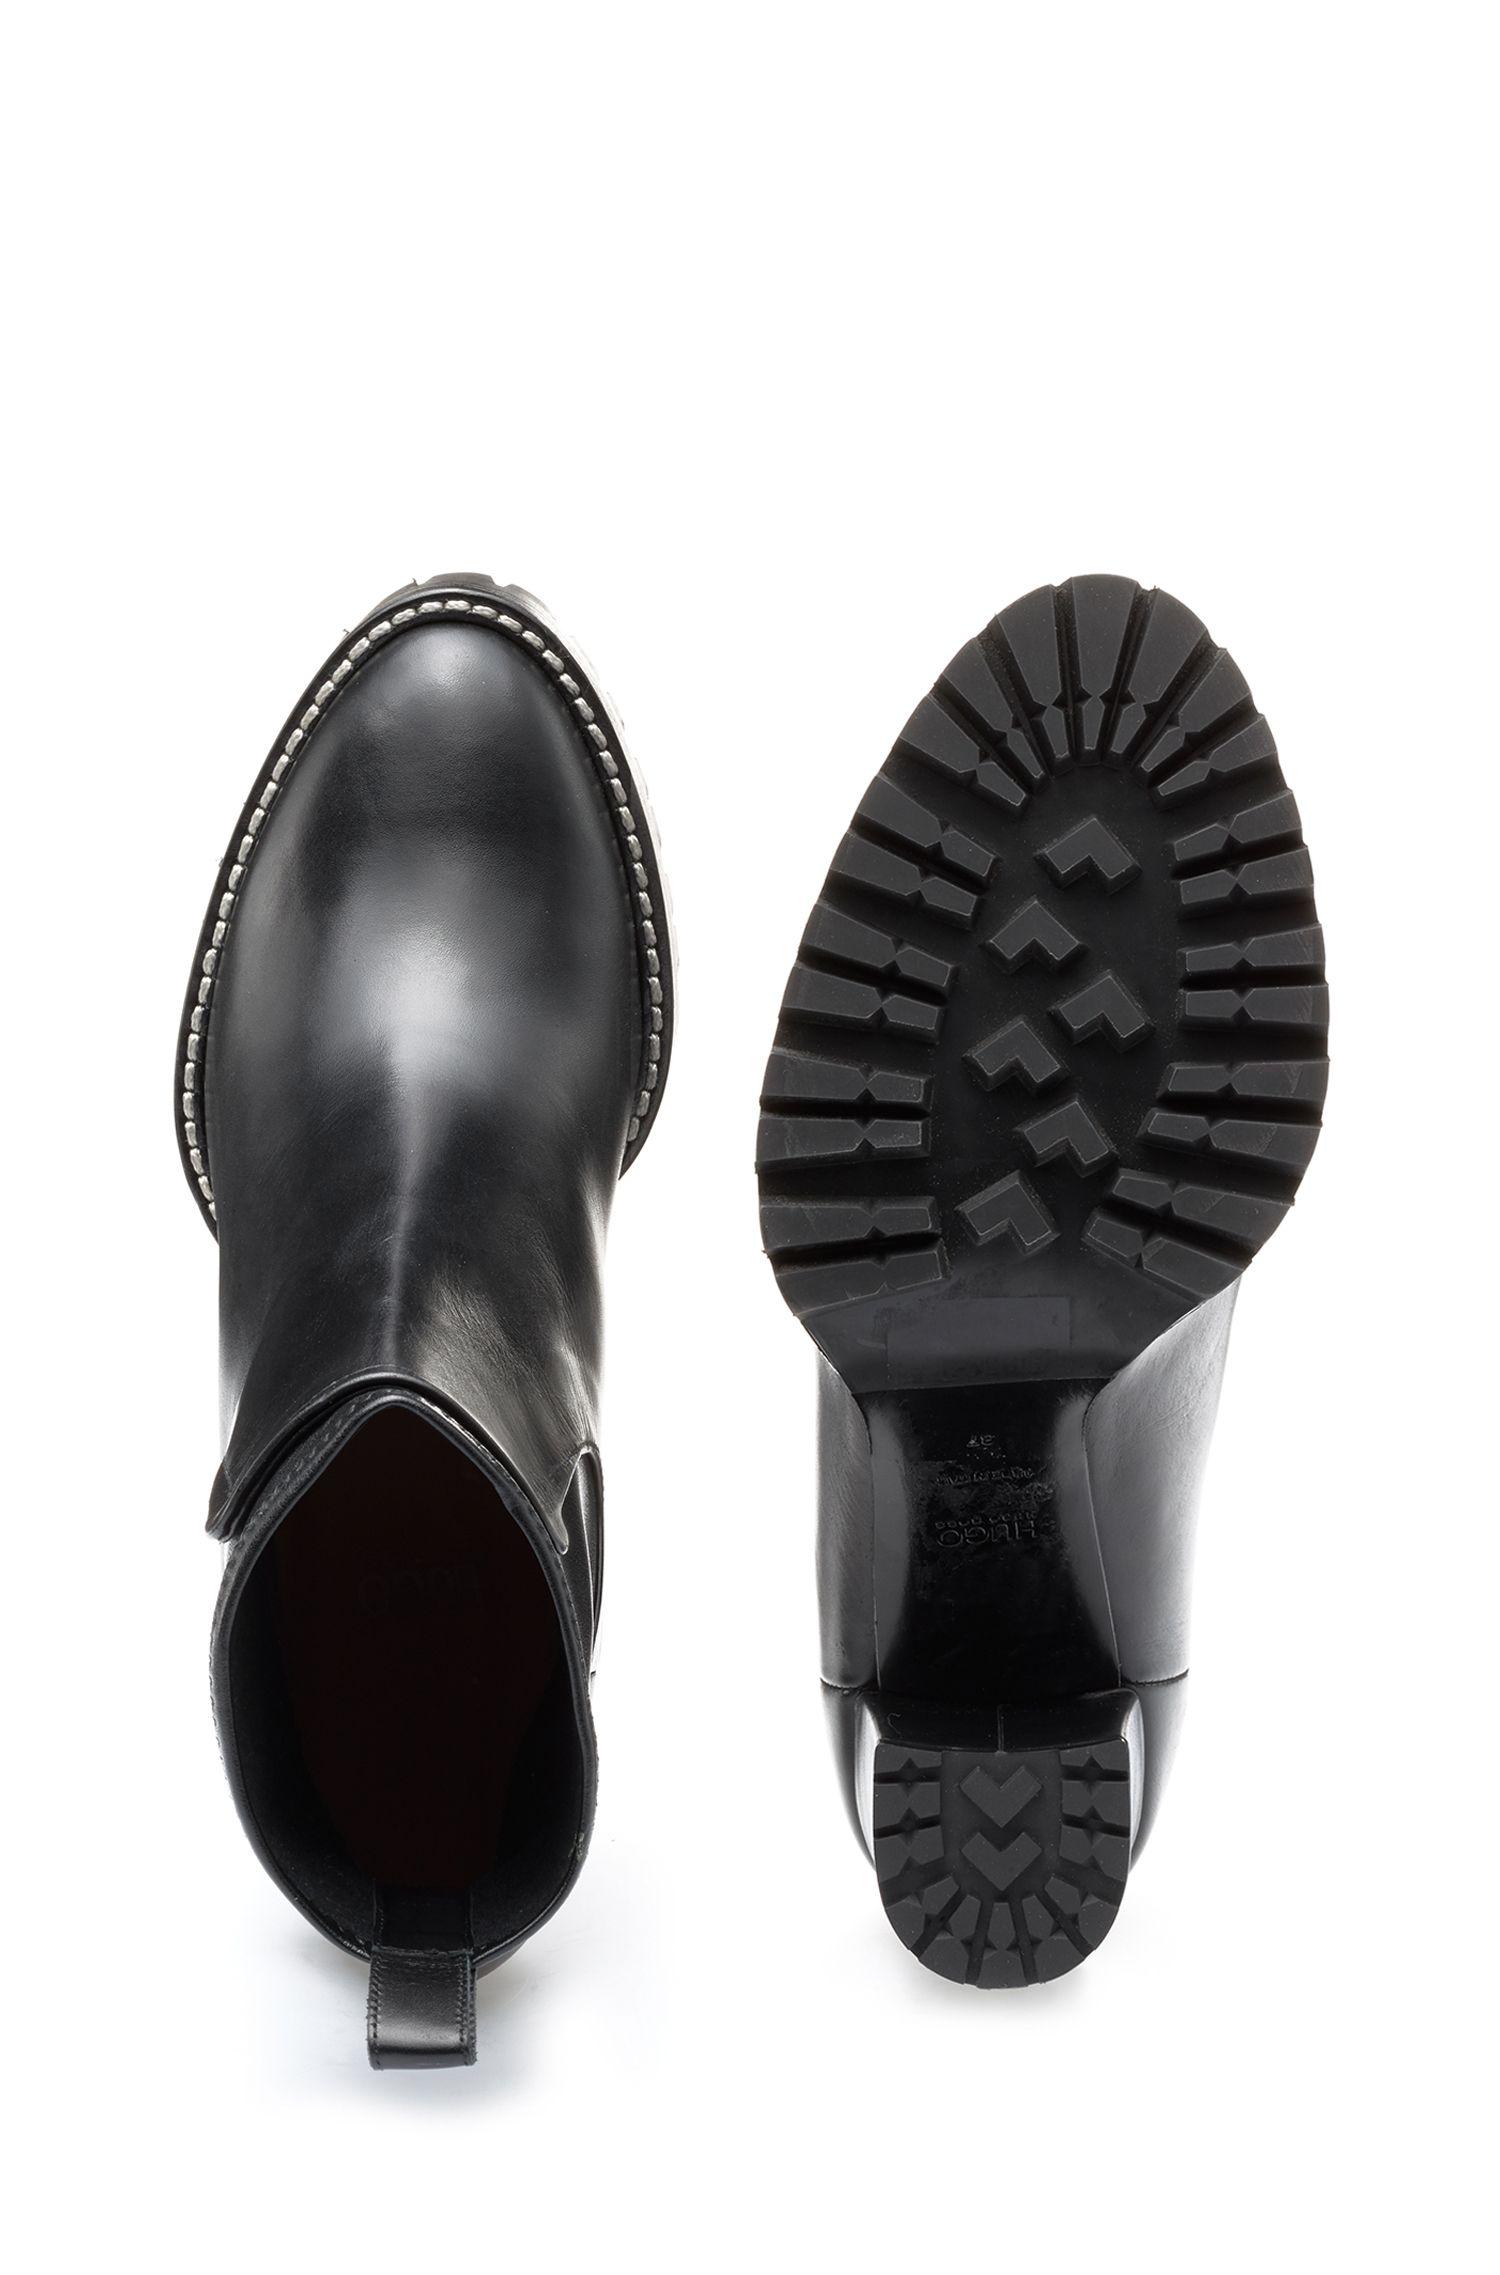 Leder-Boots mit Profilsohle und hohem Absatz, Schwarz